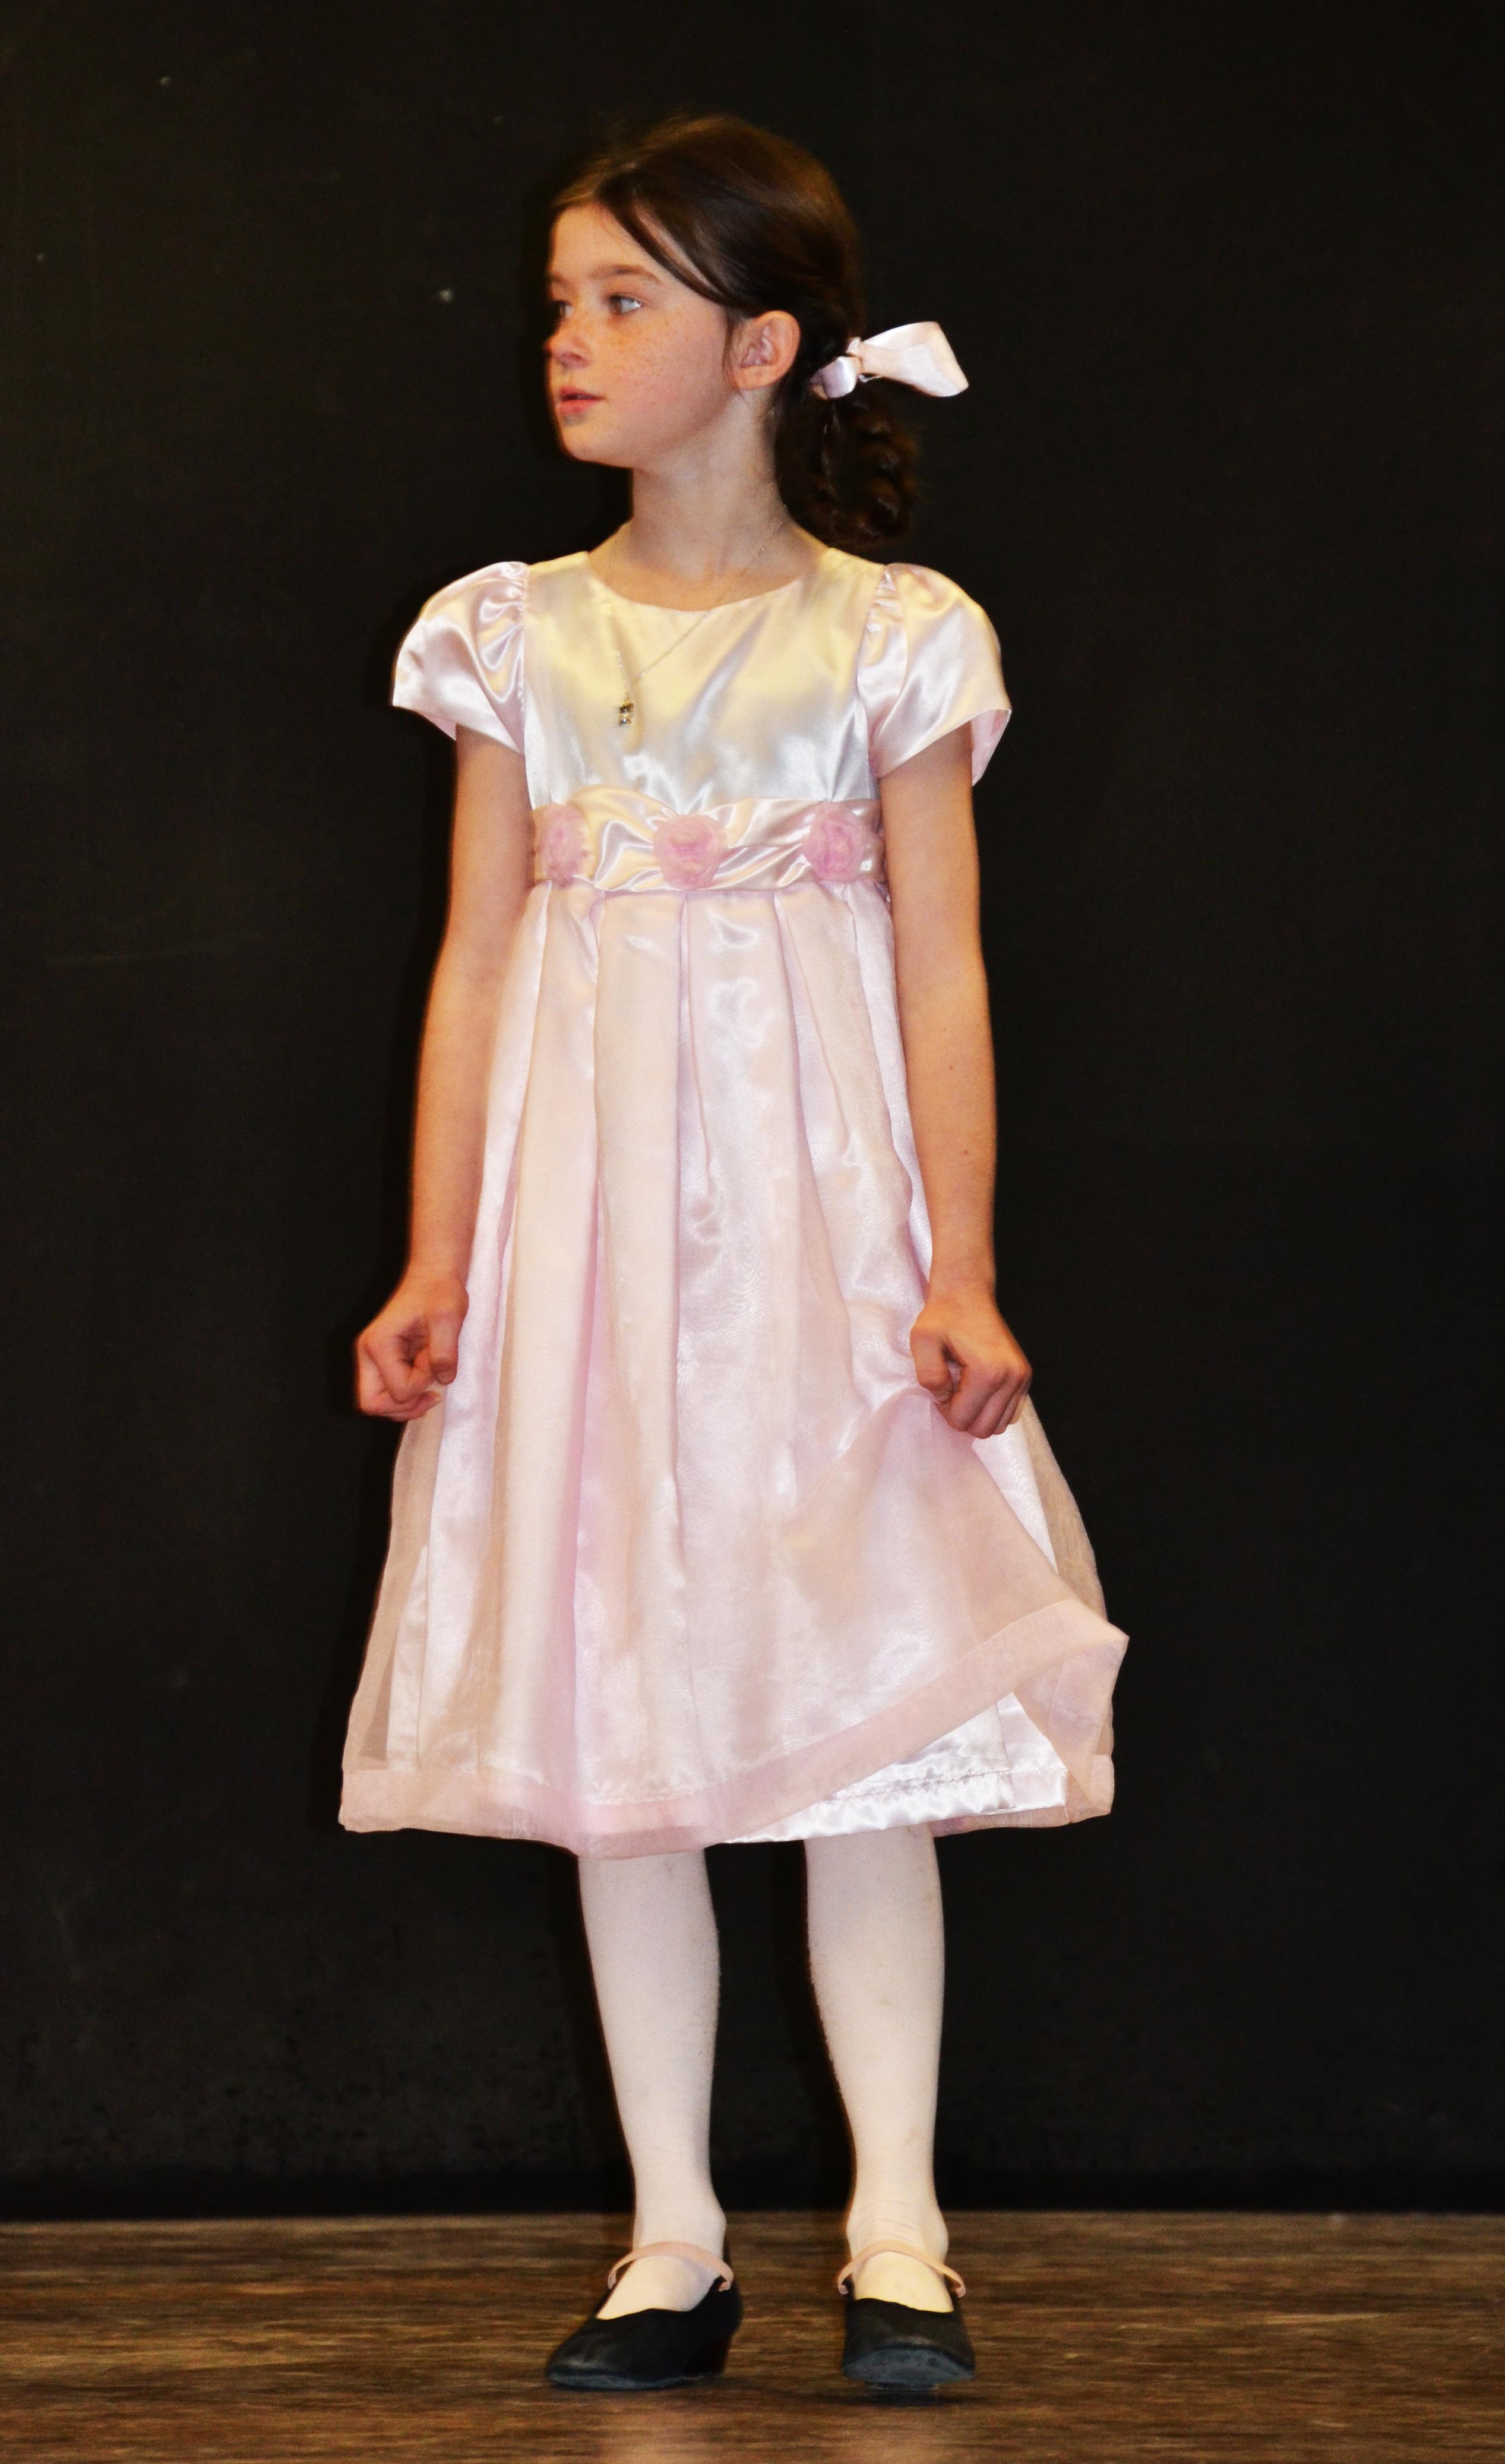 Amelia Gretel on stage